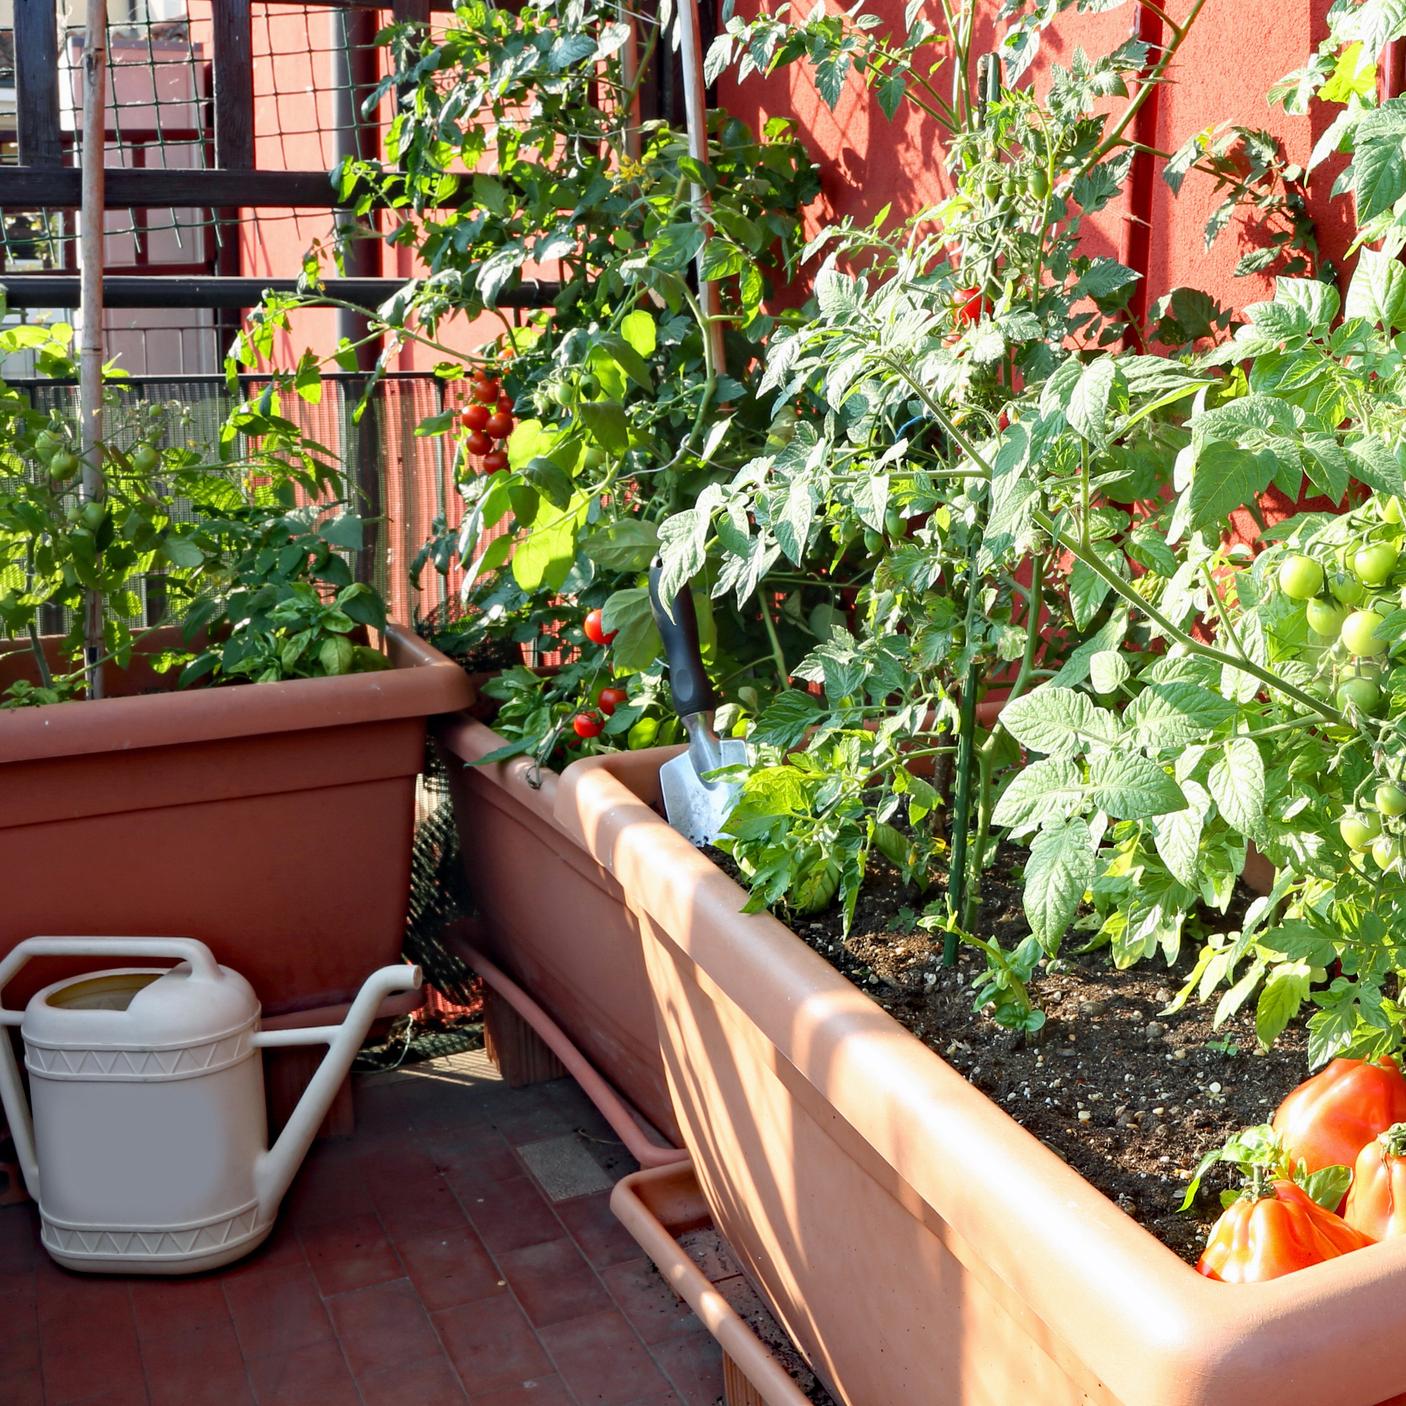 Comment Aménager Un Jardin Potager Sur Son Balcon ? – La ... destiné Jardin Potager De Balcon